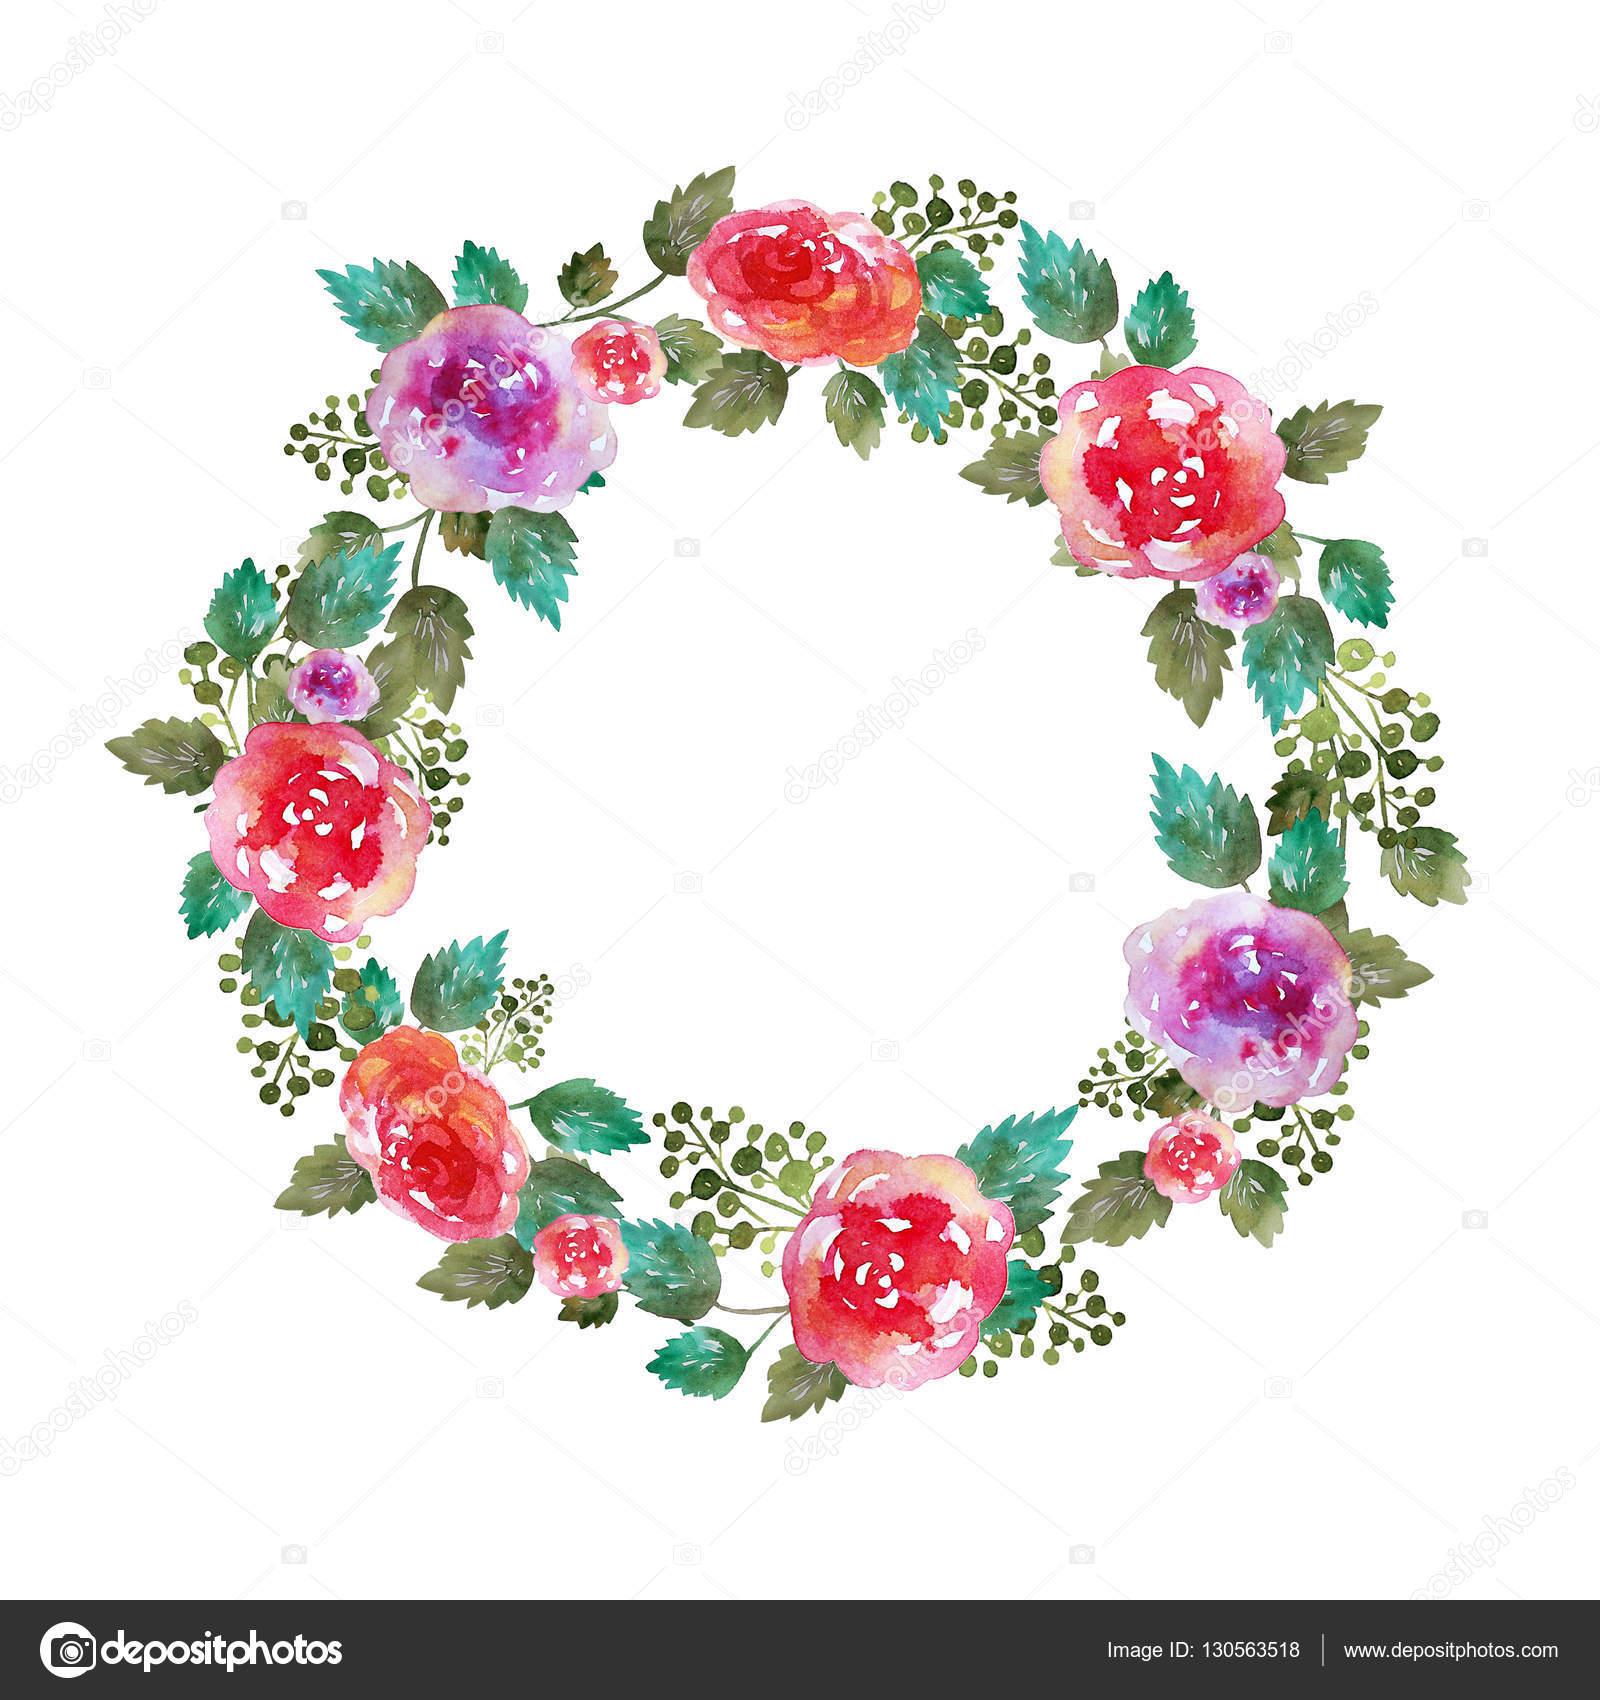 Moldura de casamento guirlanda floral vintage com flores